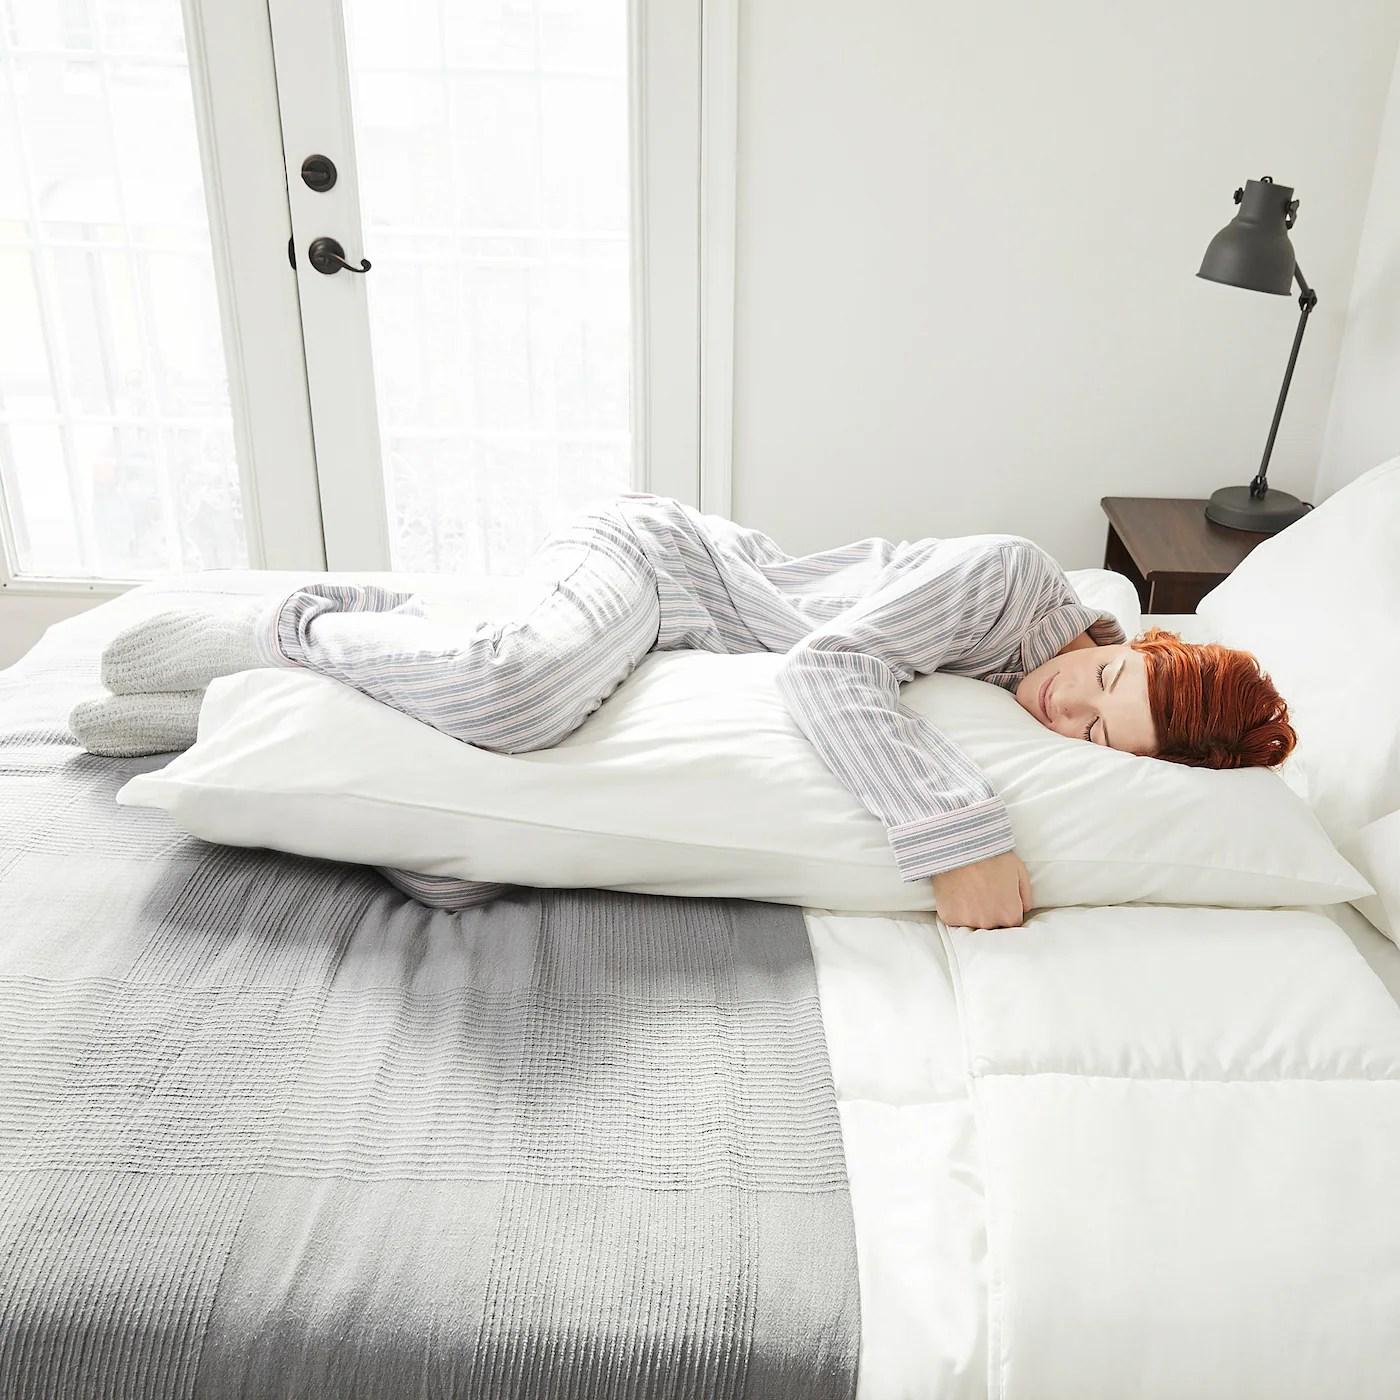 axfryle body pillow white 50x19 5 8